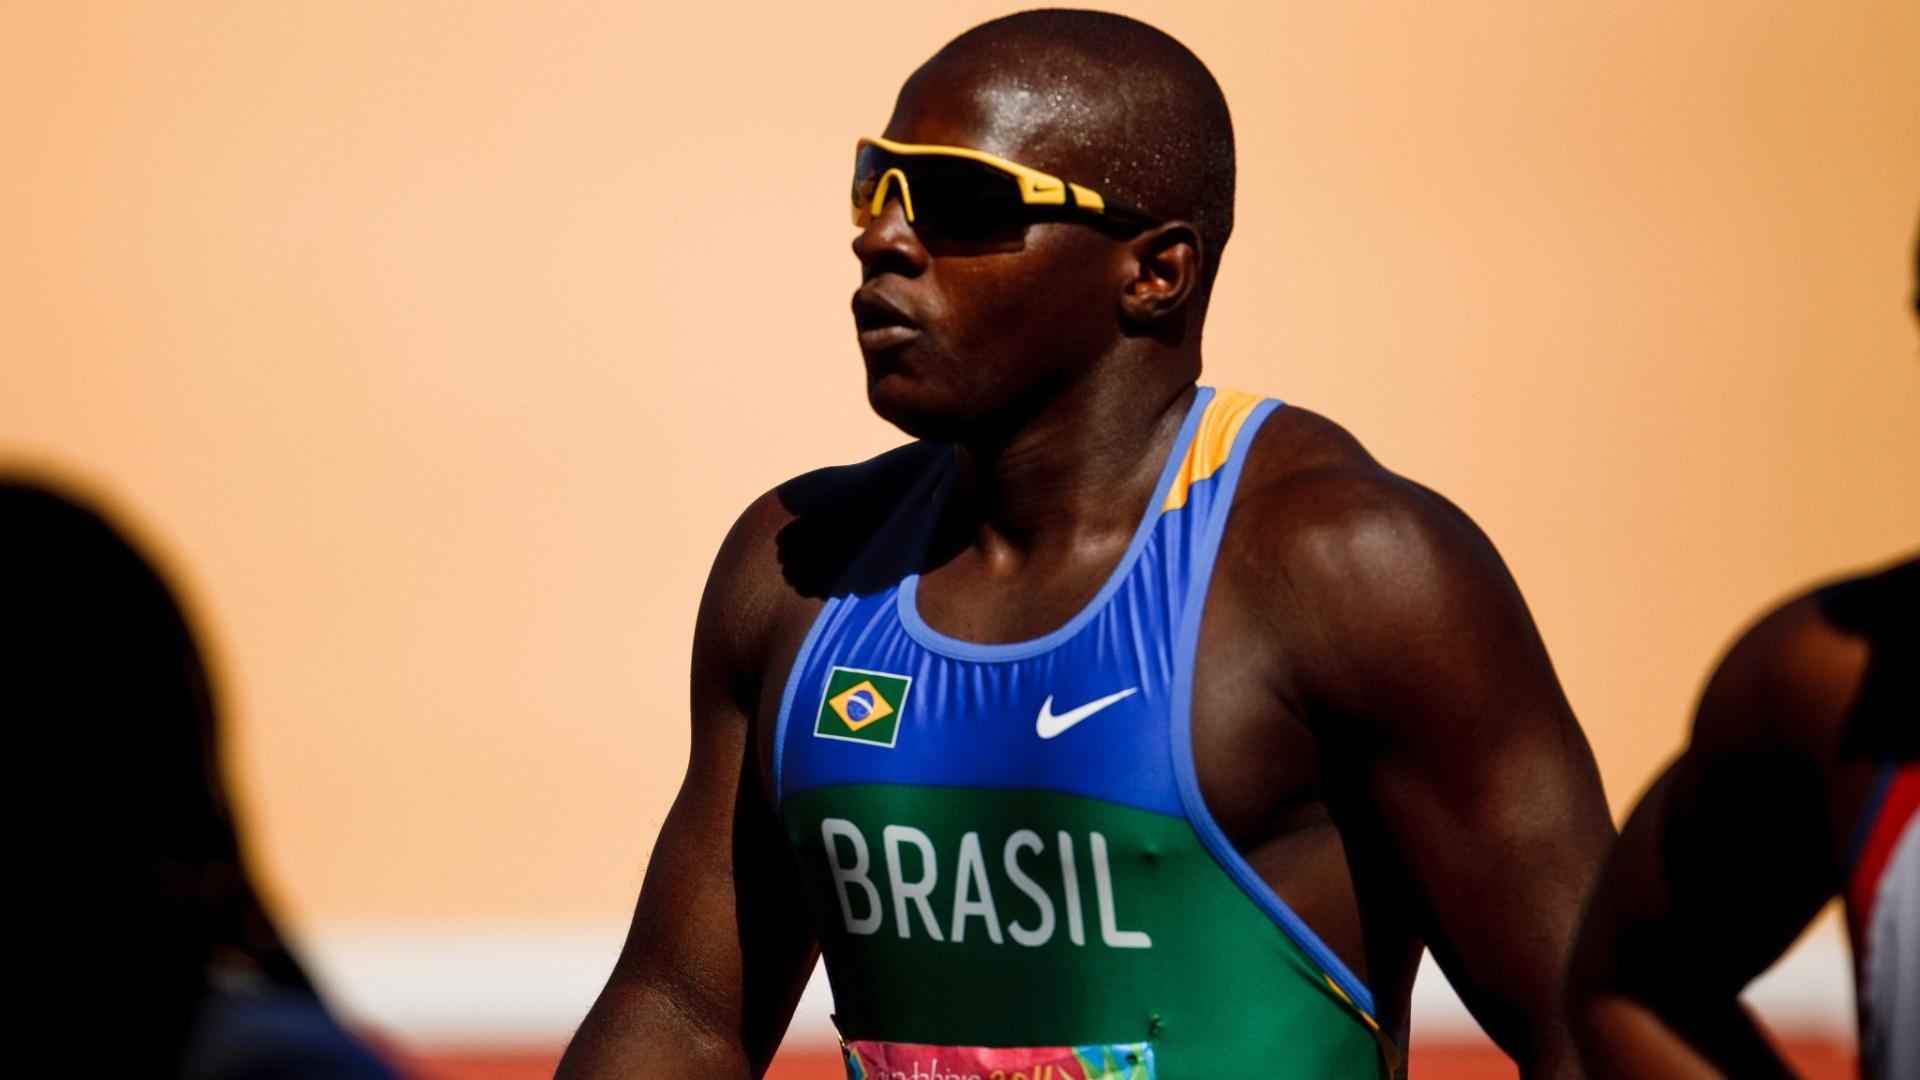 O brasileiro Nilson André venceu sua bateria dos 100 m e avançou à semifinal no Pan de Guadalajara, mais tarde ele conseguiu a classificação para a final (24/10/2011)